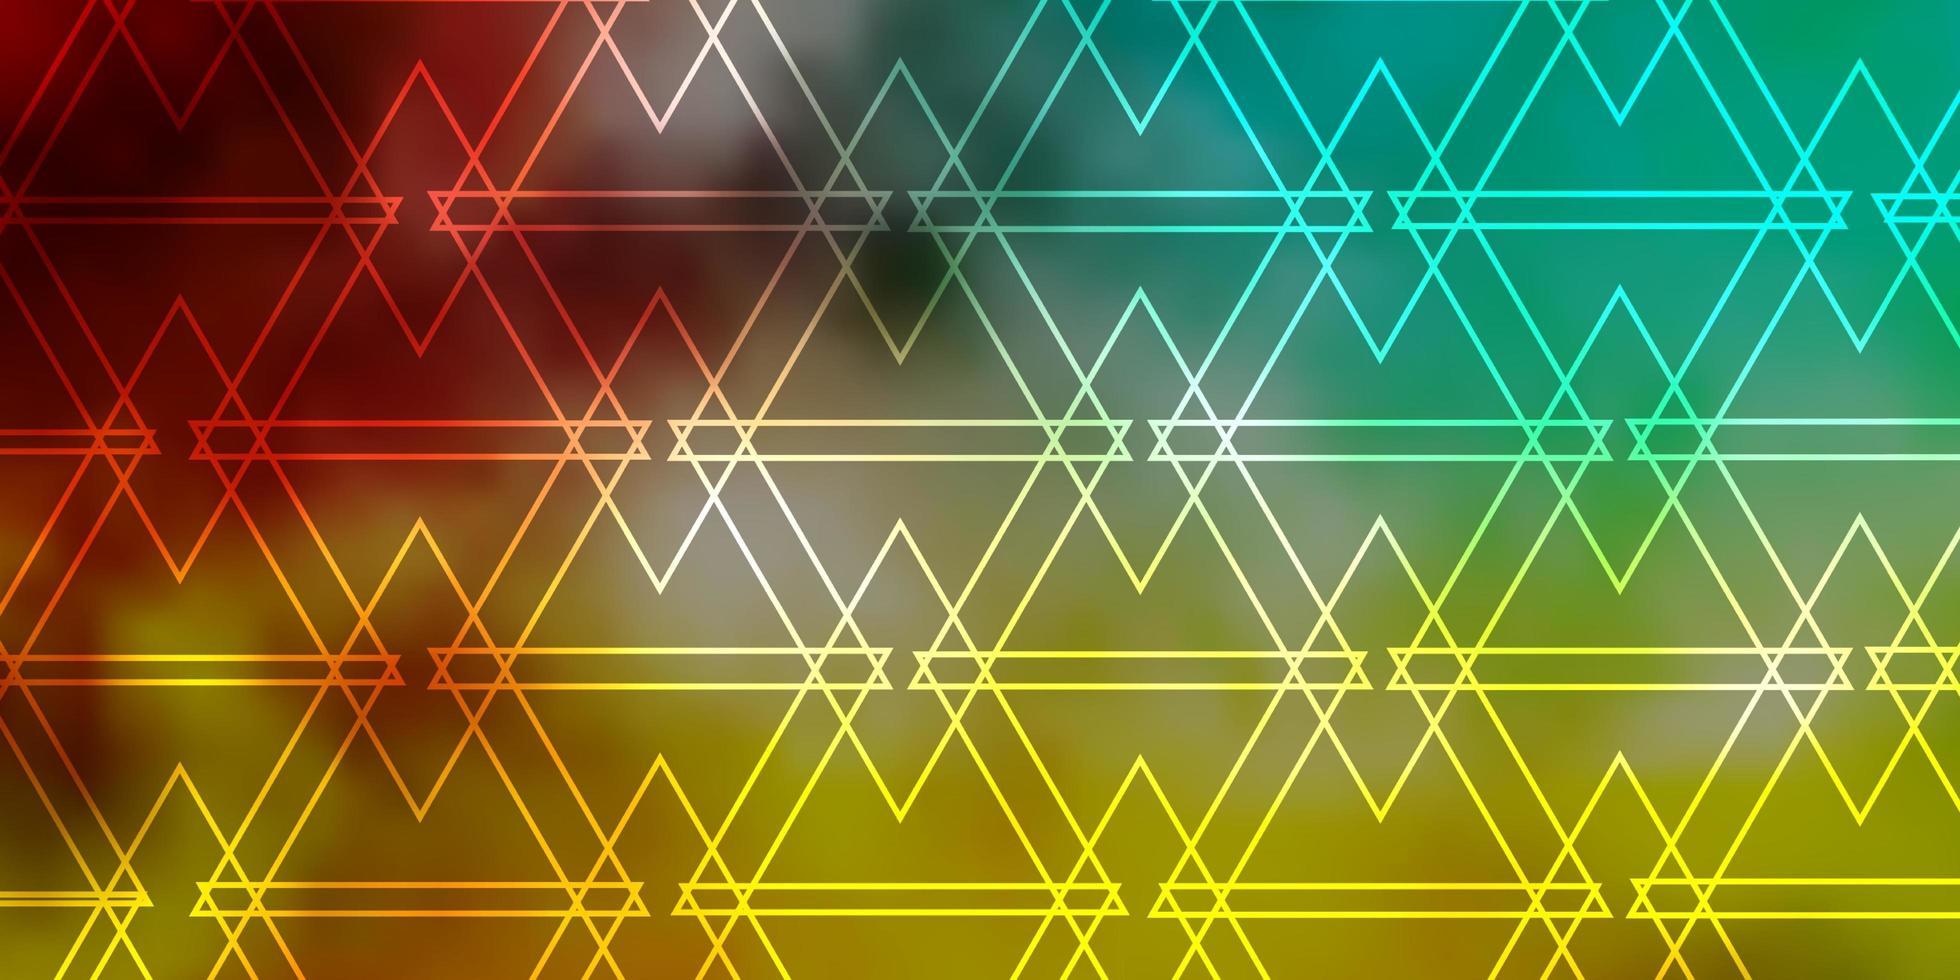 fond de vecteur multicolore clair avec des lignes, des triangles.